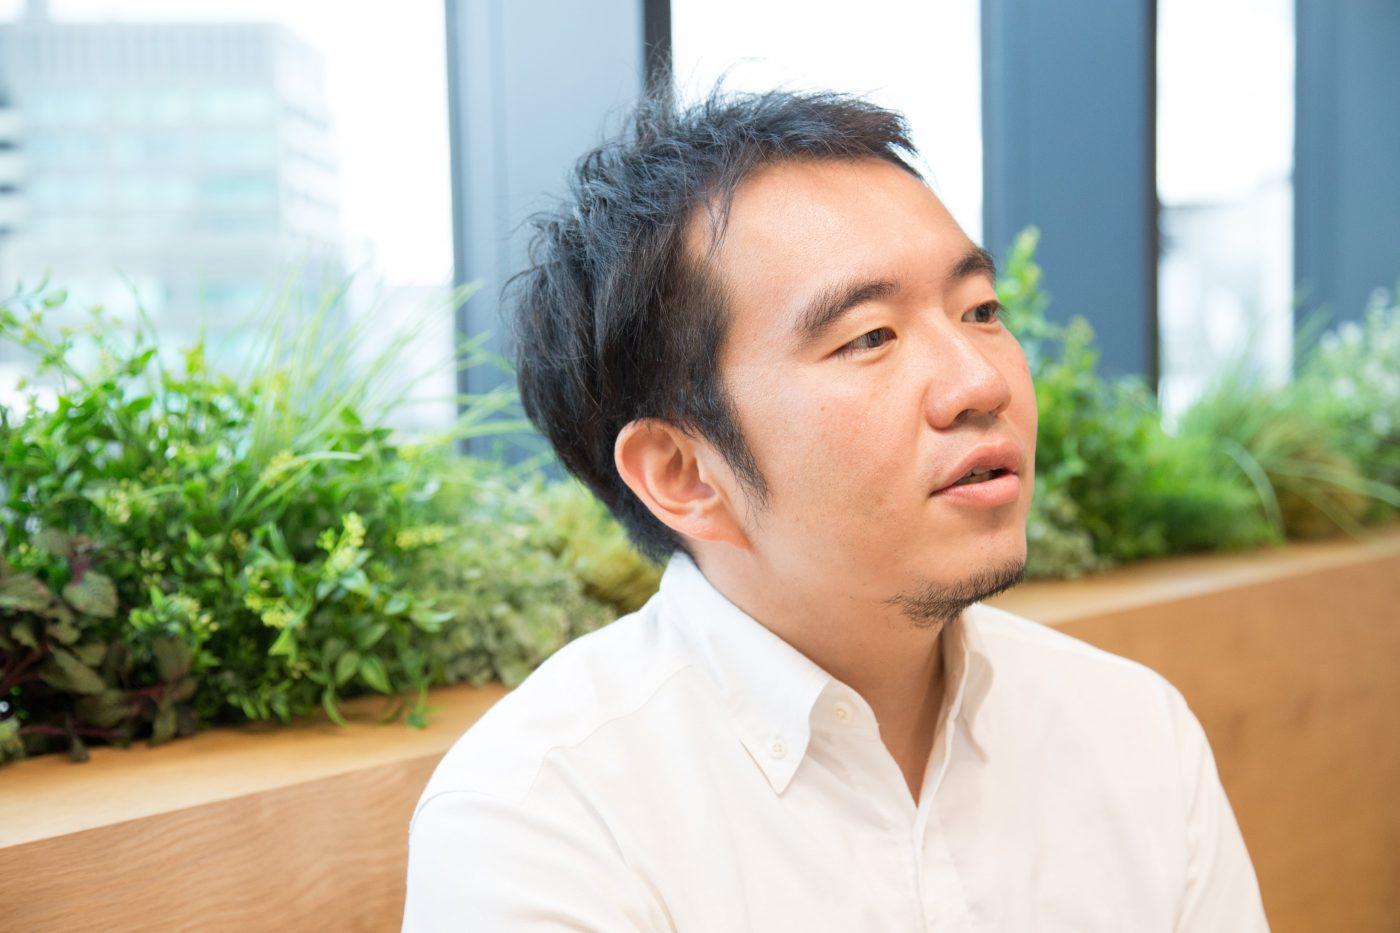 宮田「ユーザーヒアリングにはメソッドがあって、『〇〇に困ってますか?』と直接聞くのではなく、事実をヒアリングしていくなかで課題として定義した仮説を検証します。